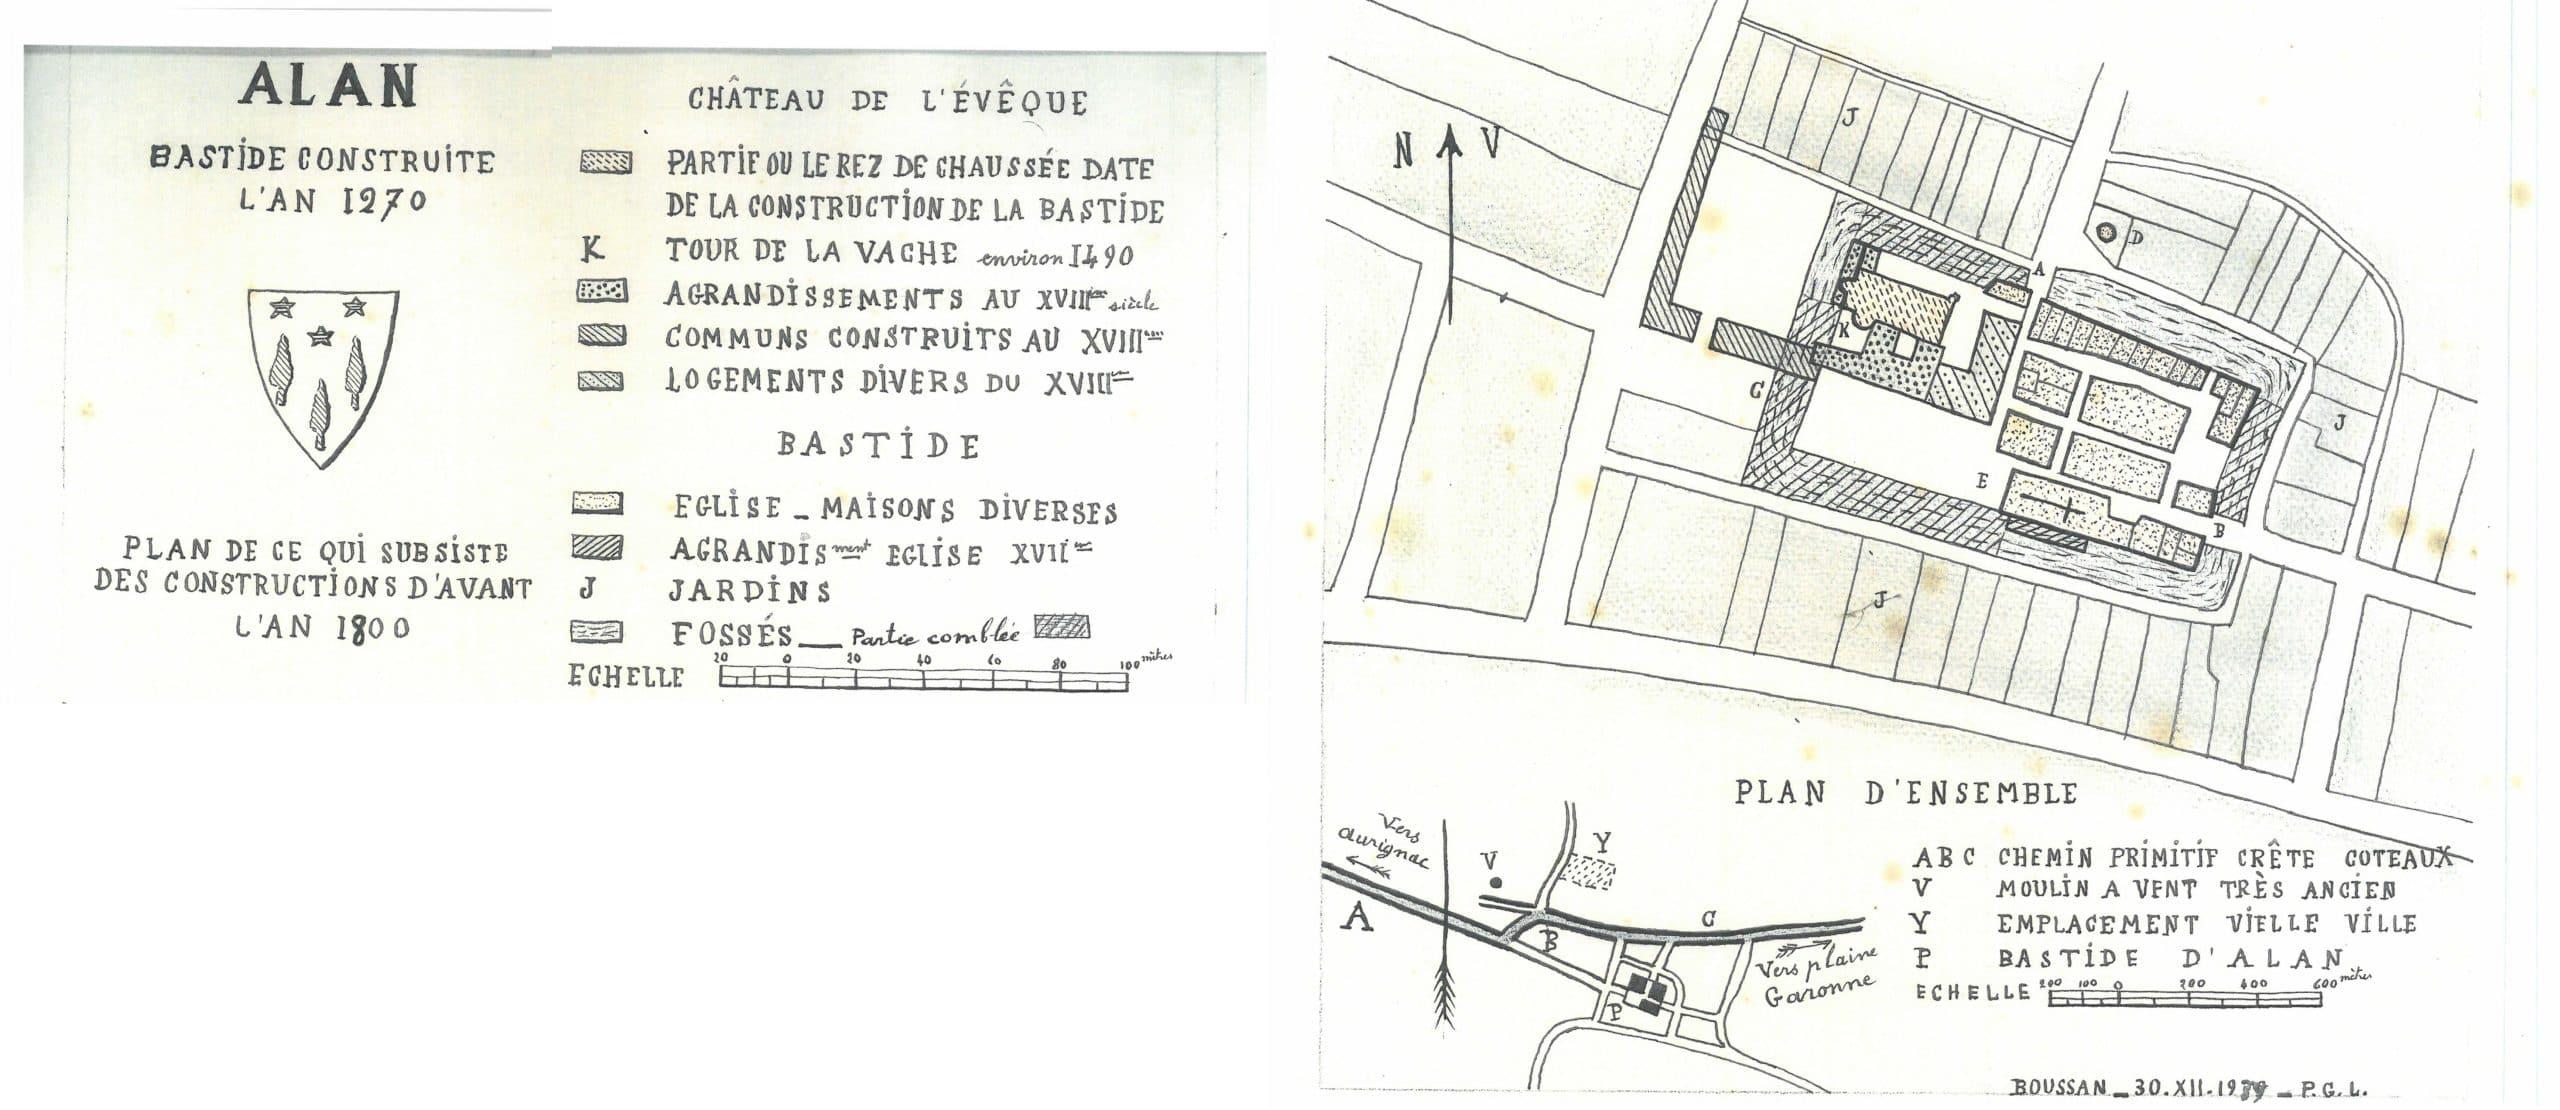 Plan des constructions d'avant l'An 1800